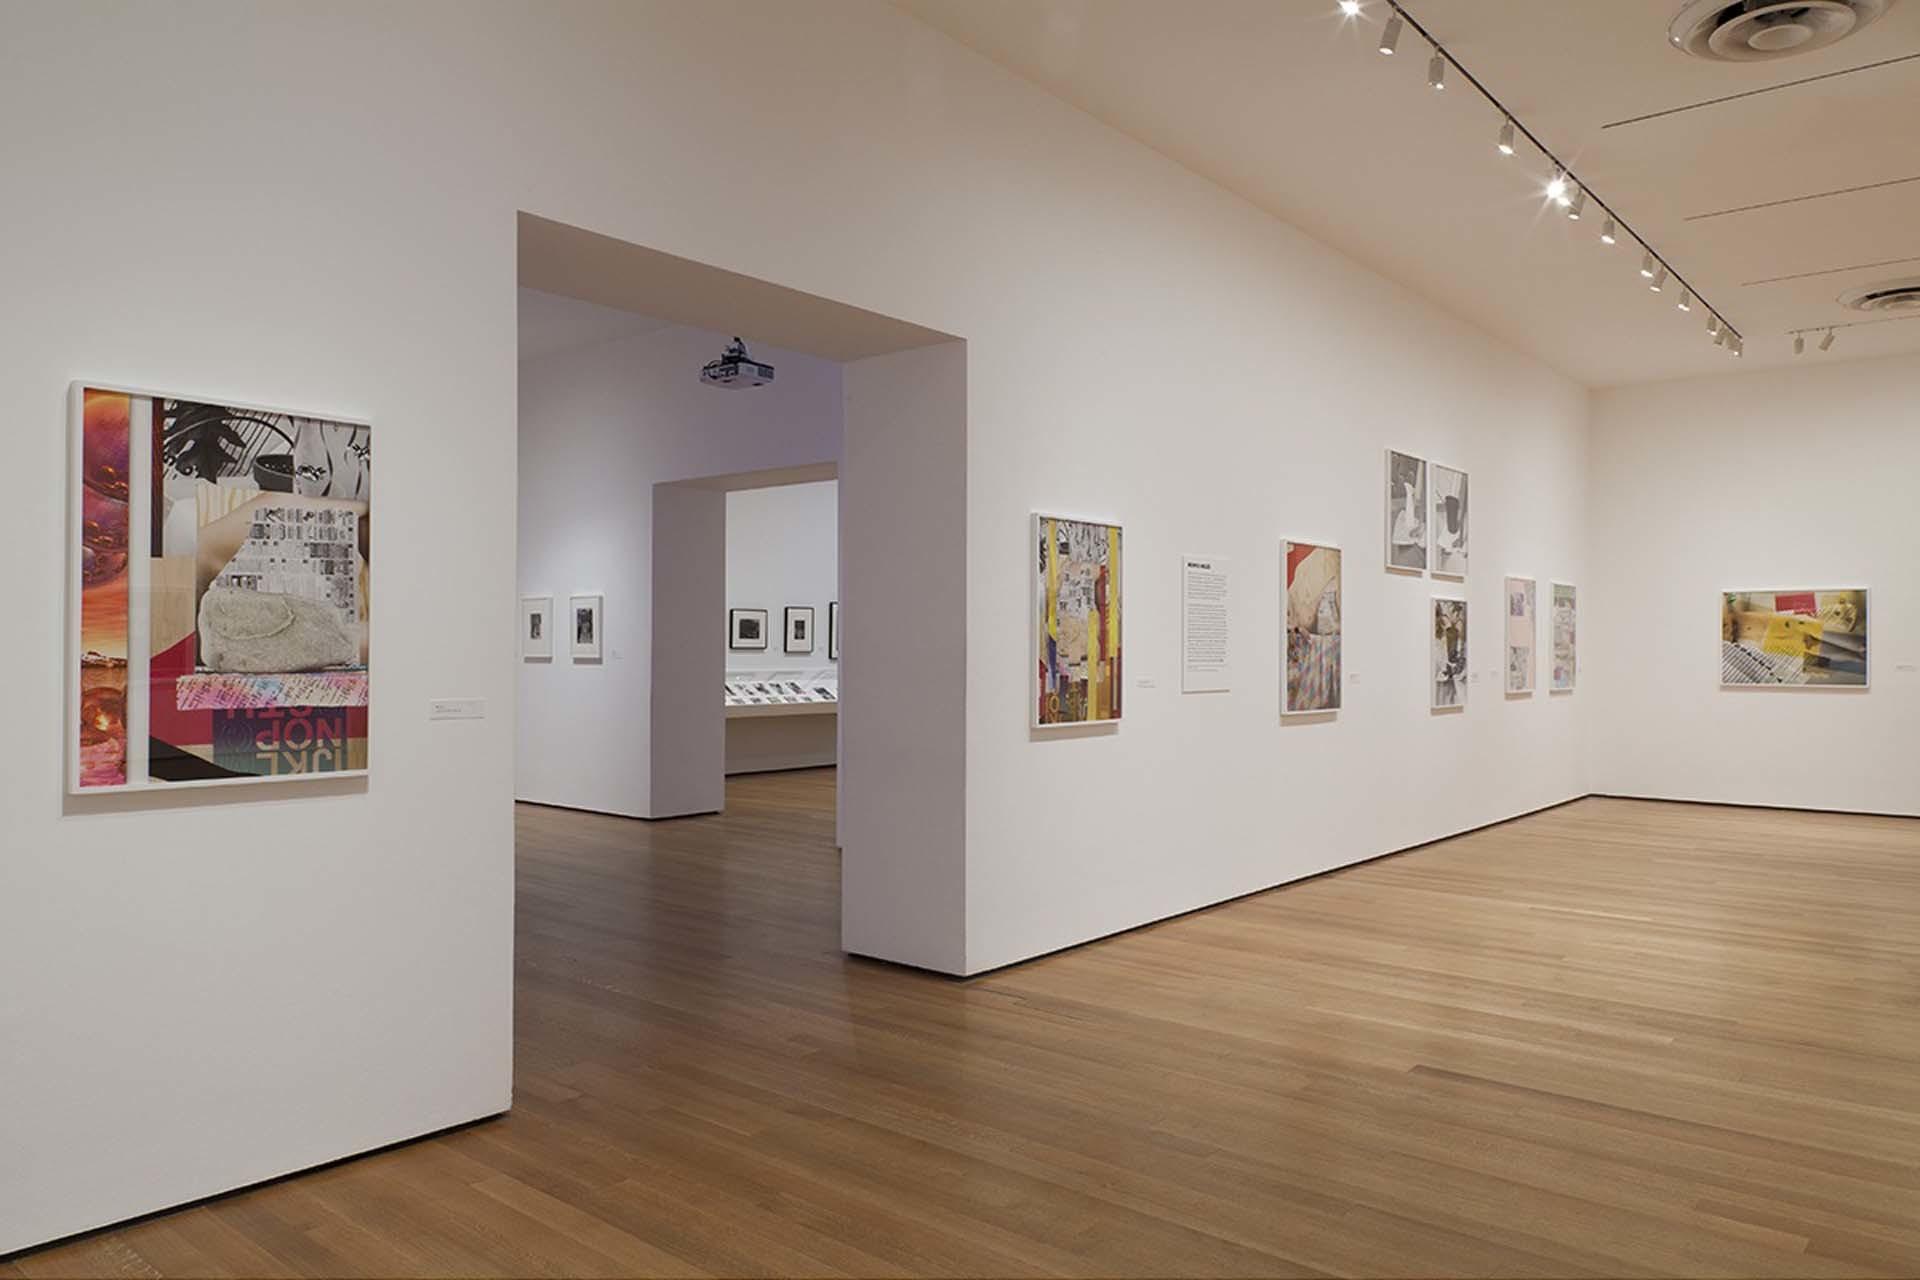 """<div class=""""artwork_caption""""><p>Installation View, 2012</p></div>"""